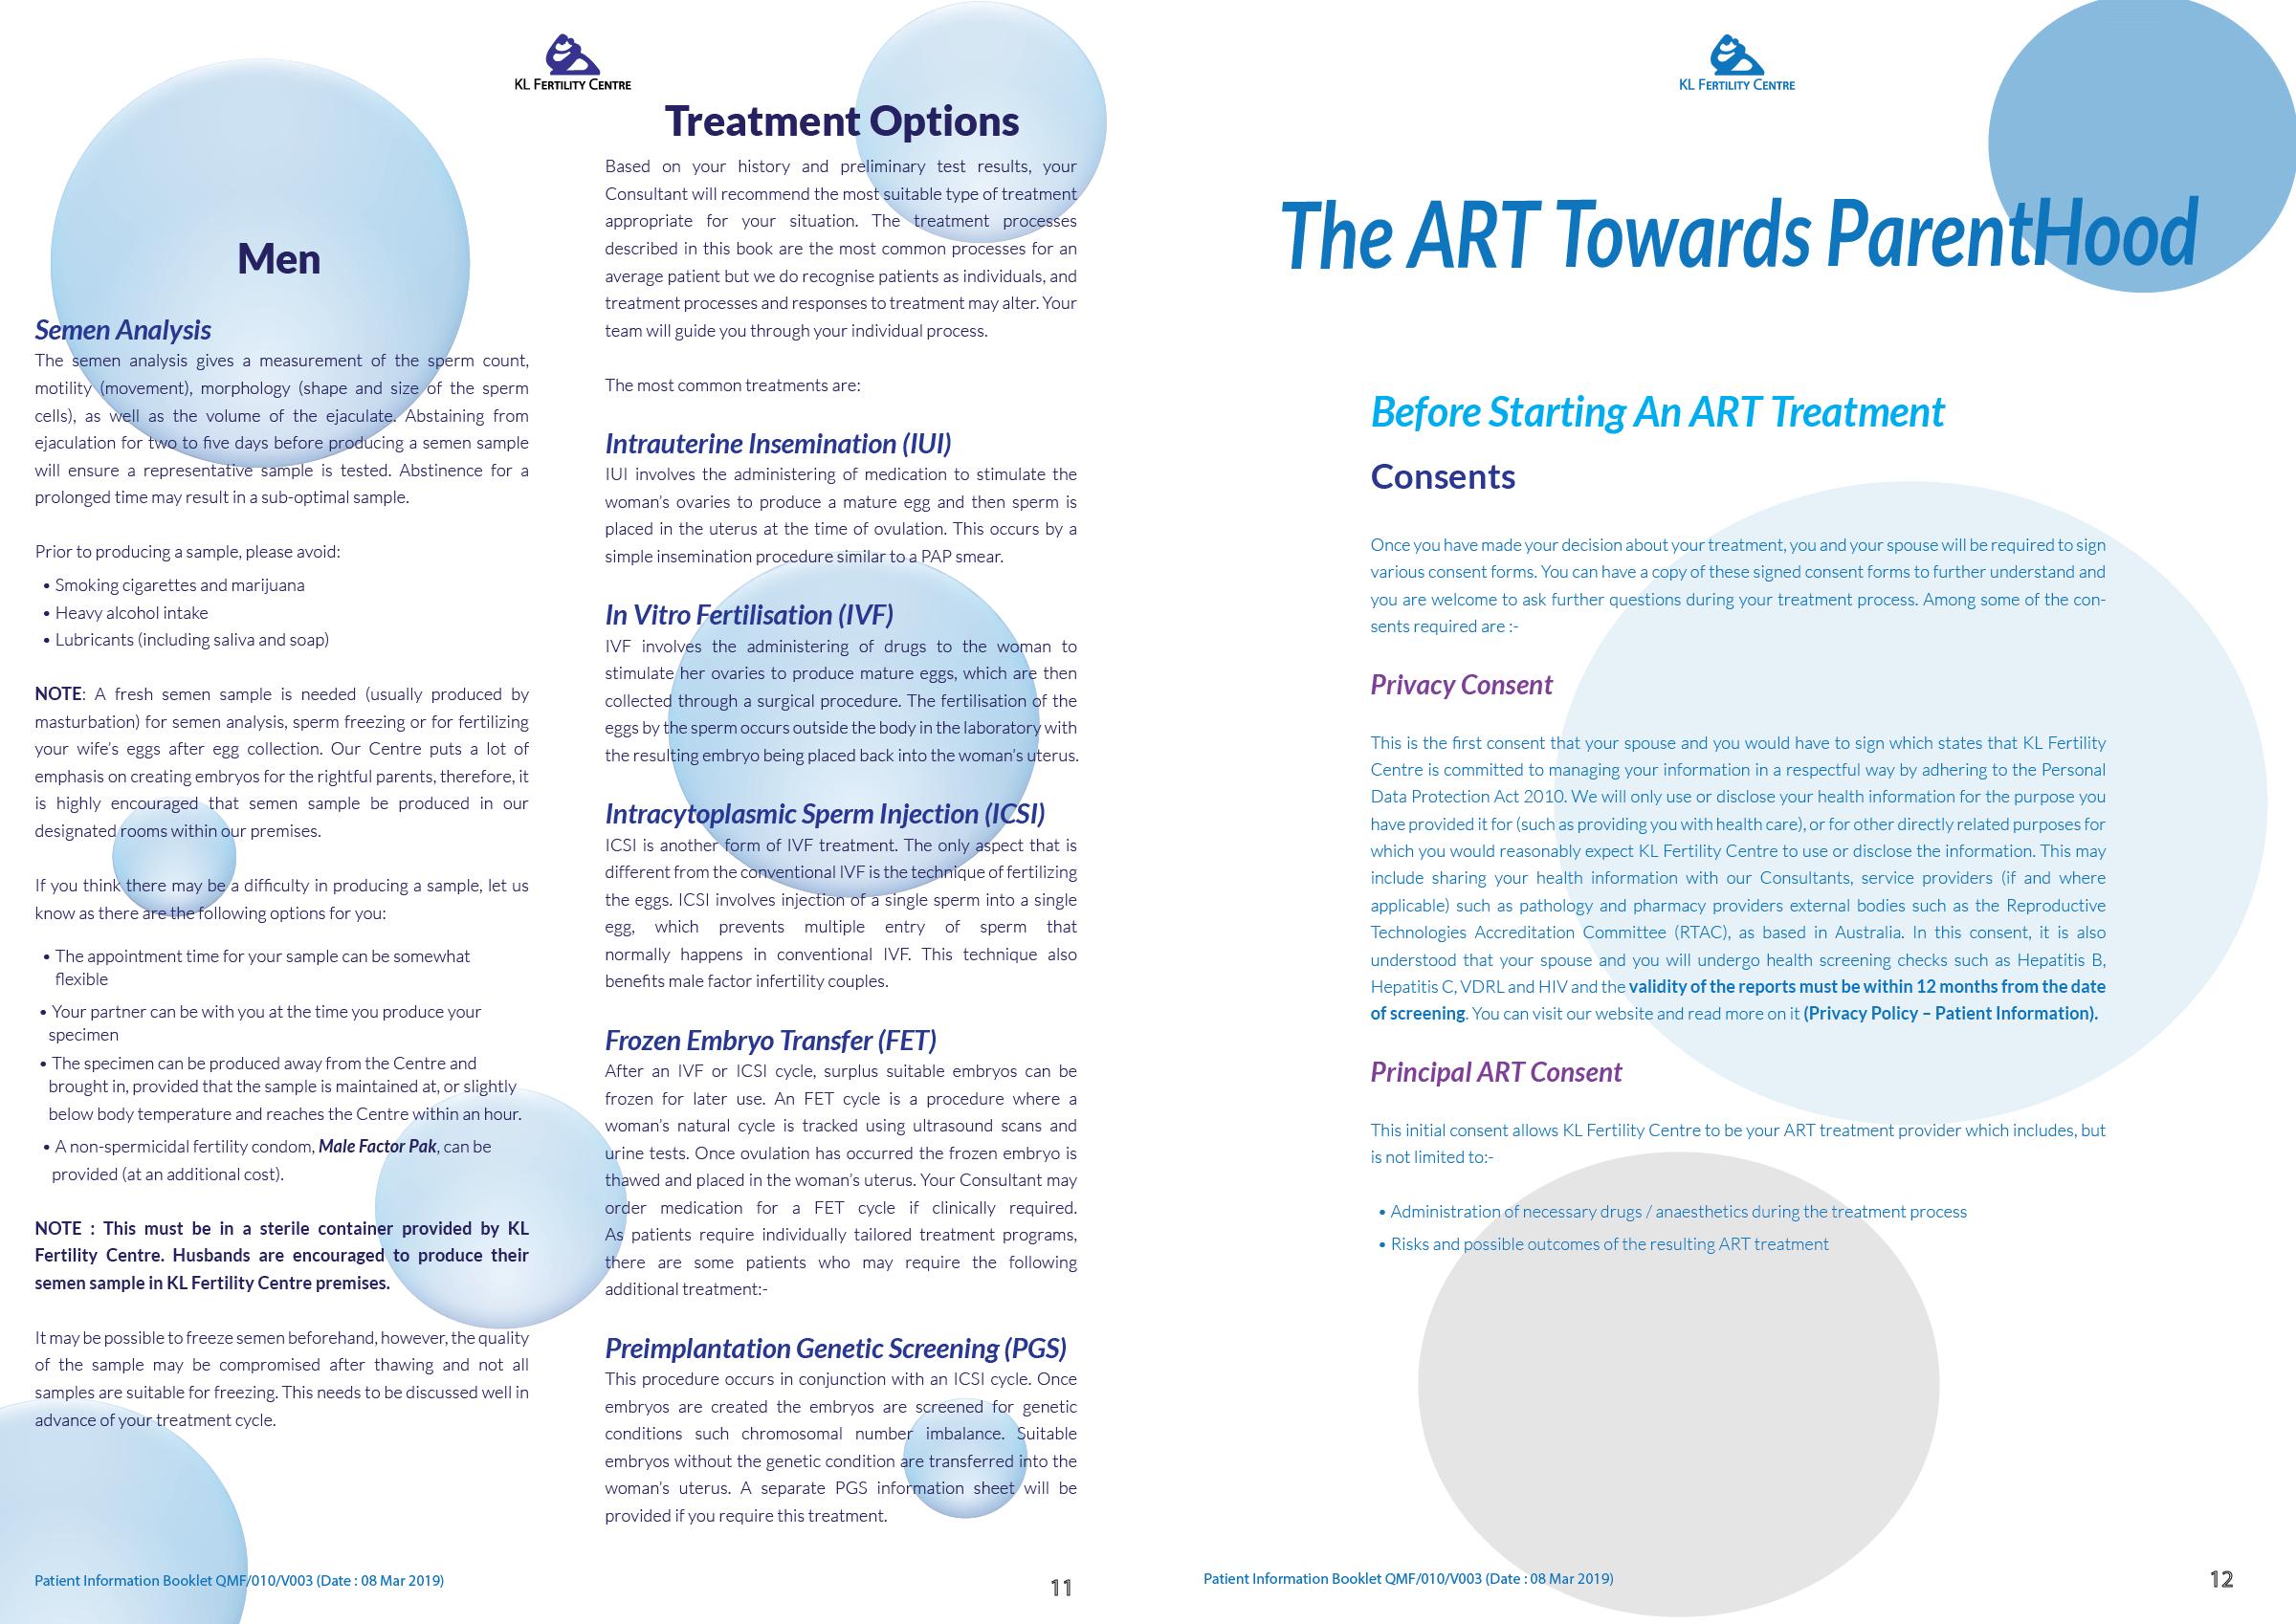 Patient Information Booklet - KL Fertility Centre